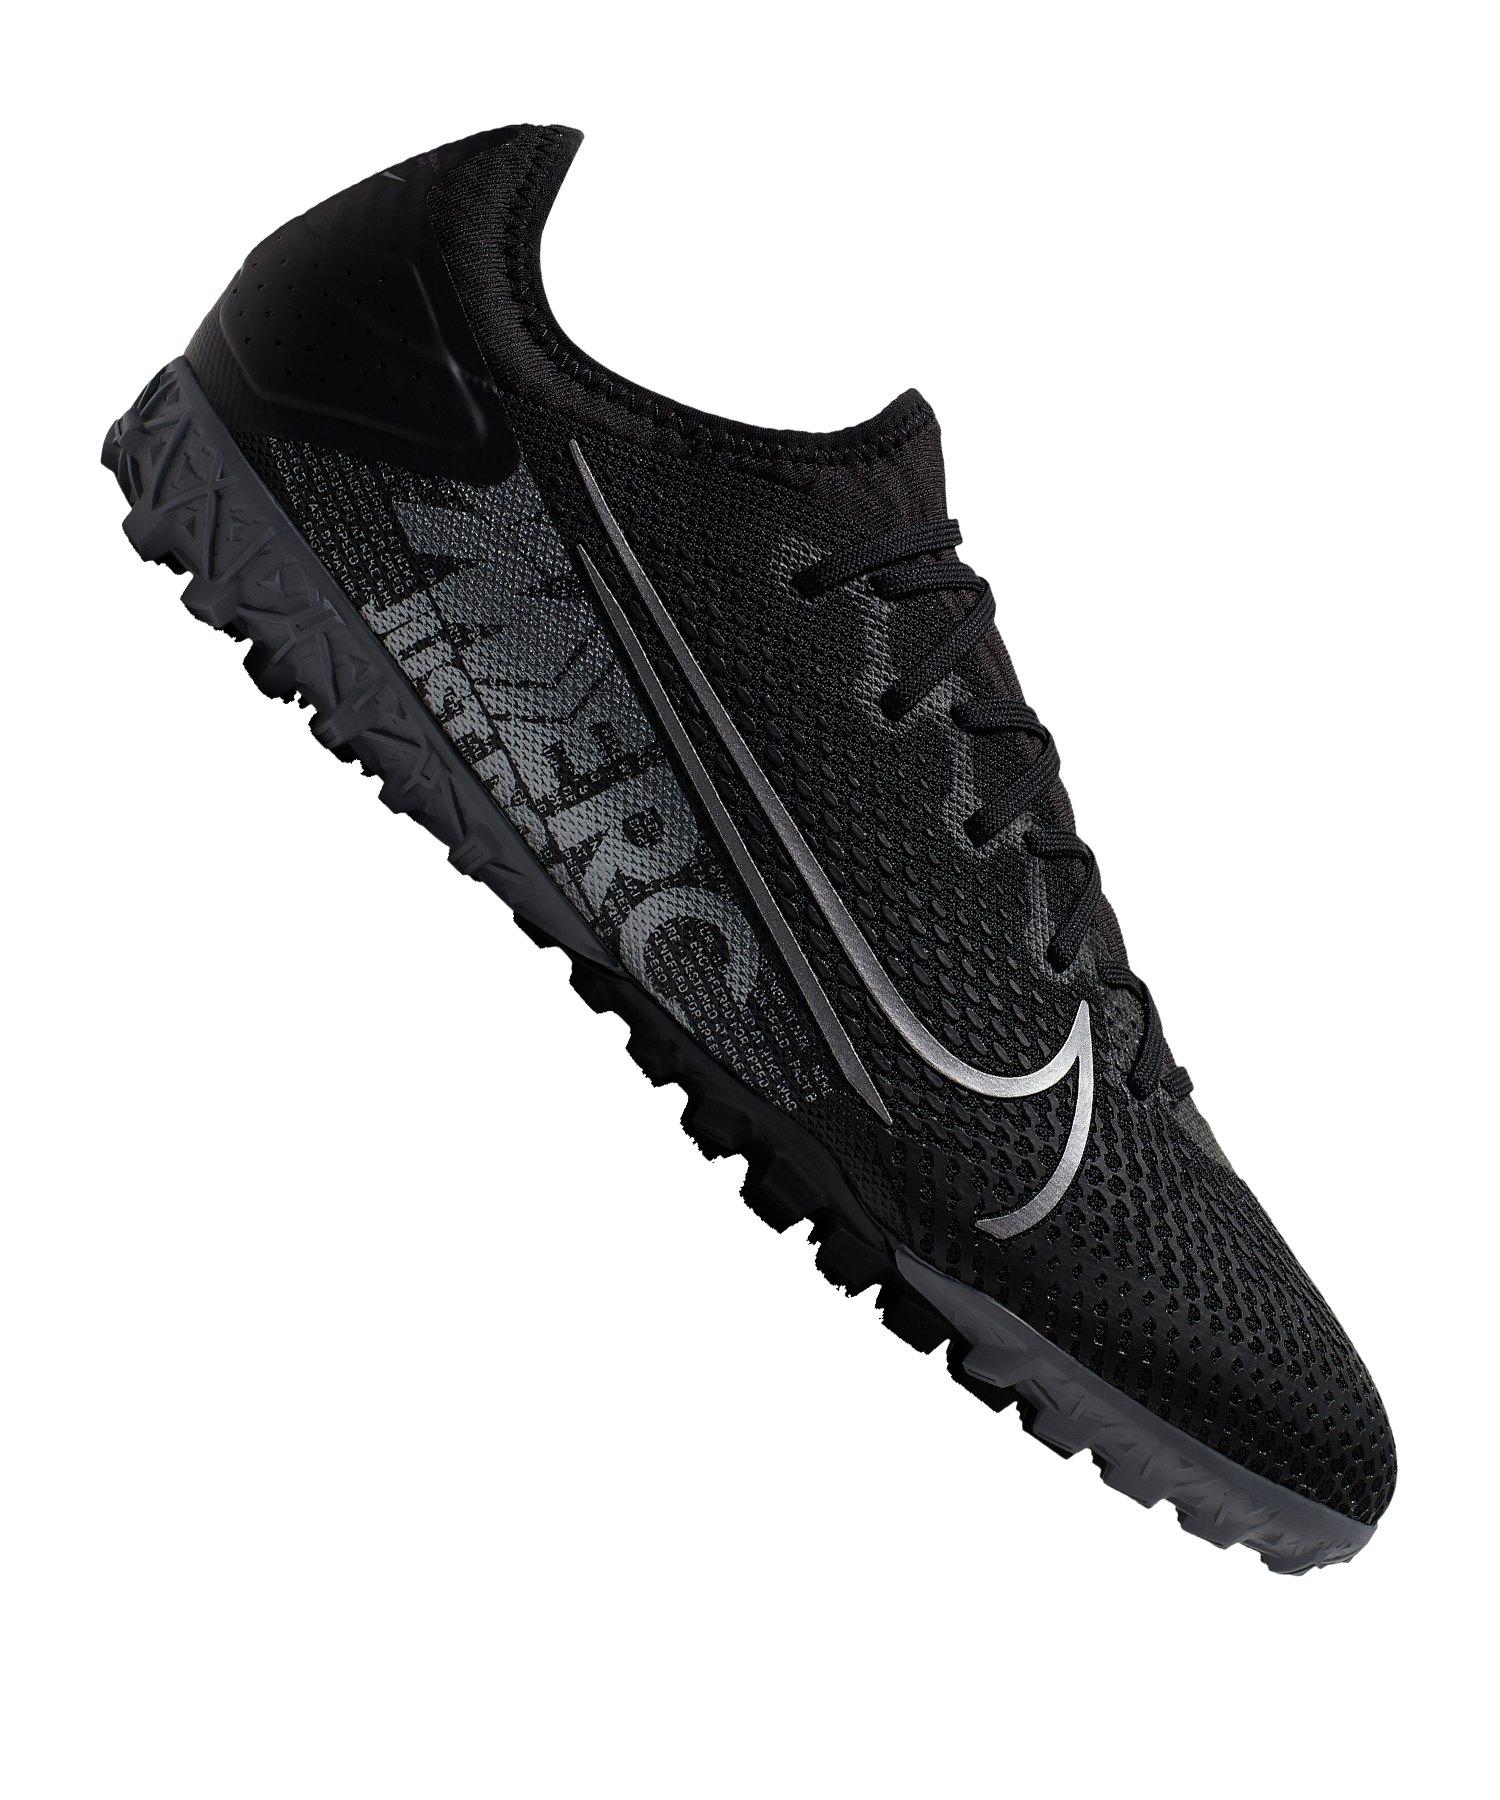 Nike Mercurial Vapor XIII Pro TF Schwarz F001 - schwarz